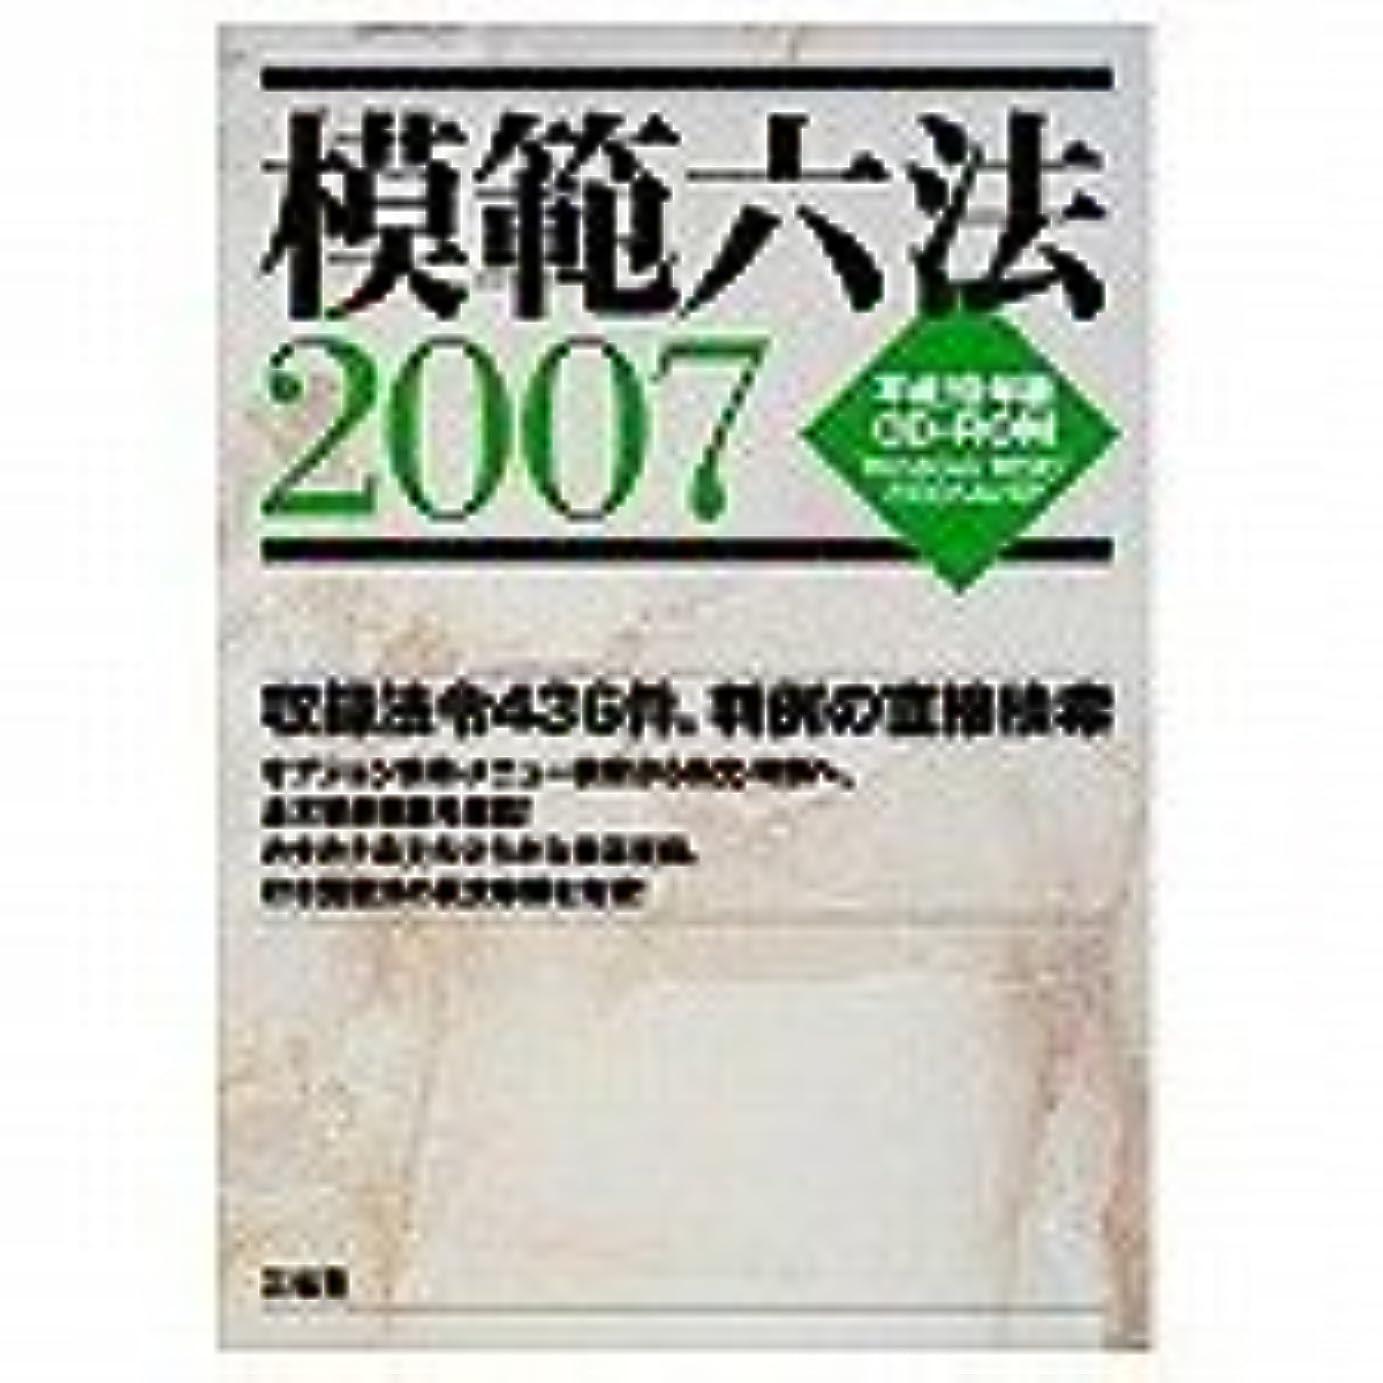 進捗リンケージ流出模範六法2007 平成19年版 CD-ROM